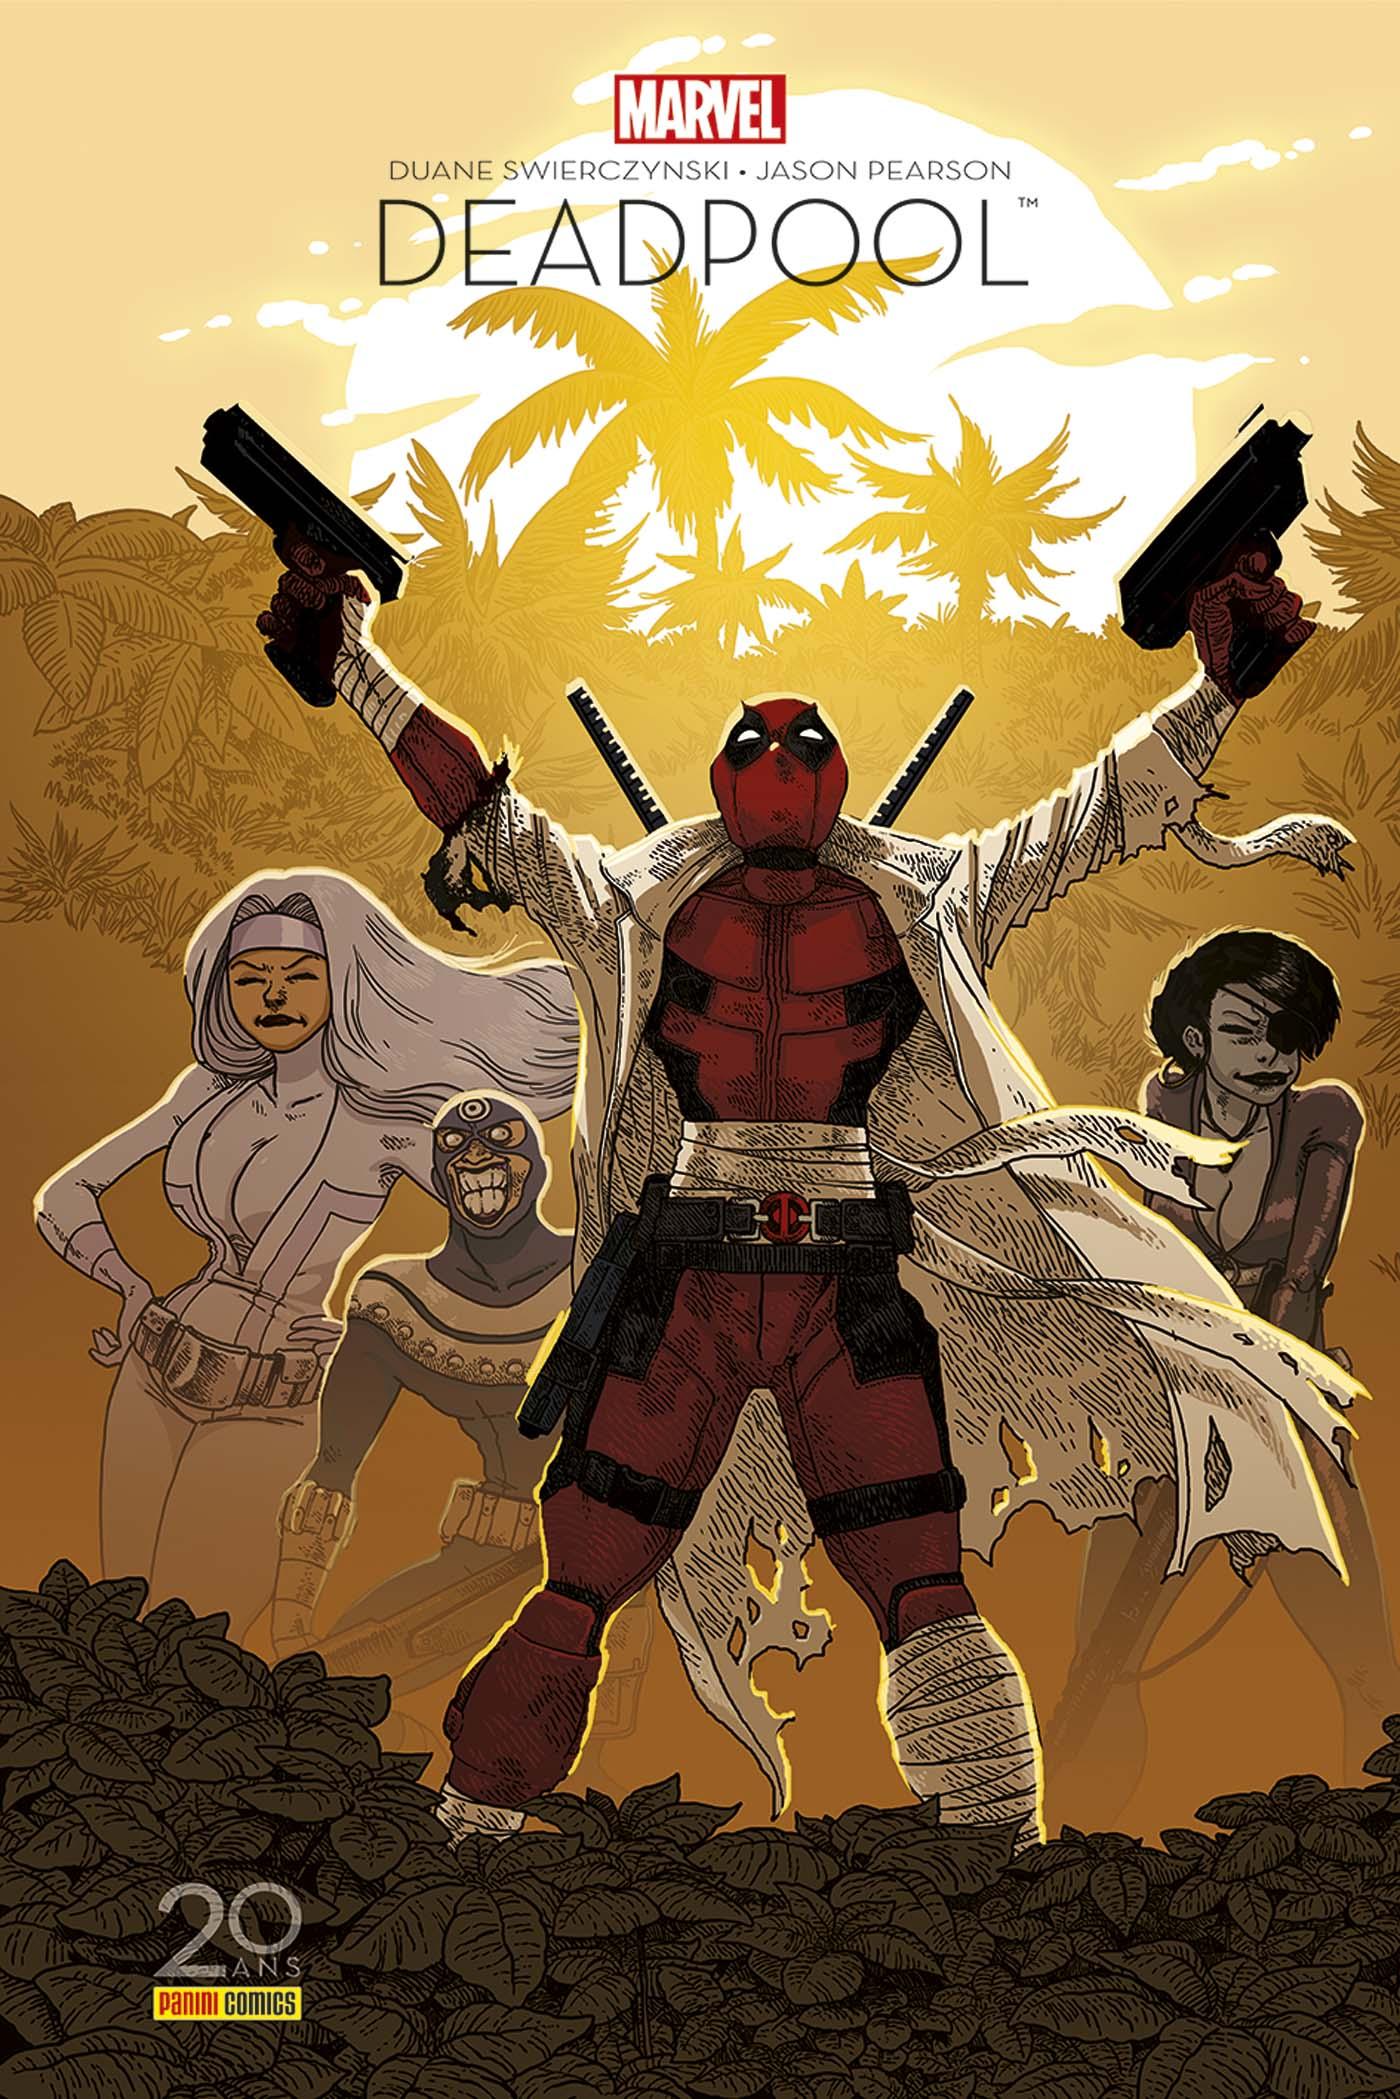 Deadpool - Il Faut Soigner Le Soldat Wilson 1 - 20 Ans Panini Comics - Deadpool - Il Faut Soigner Le Soldat Wilson